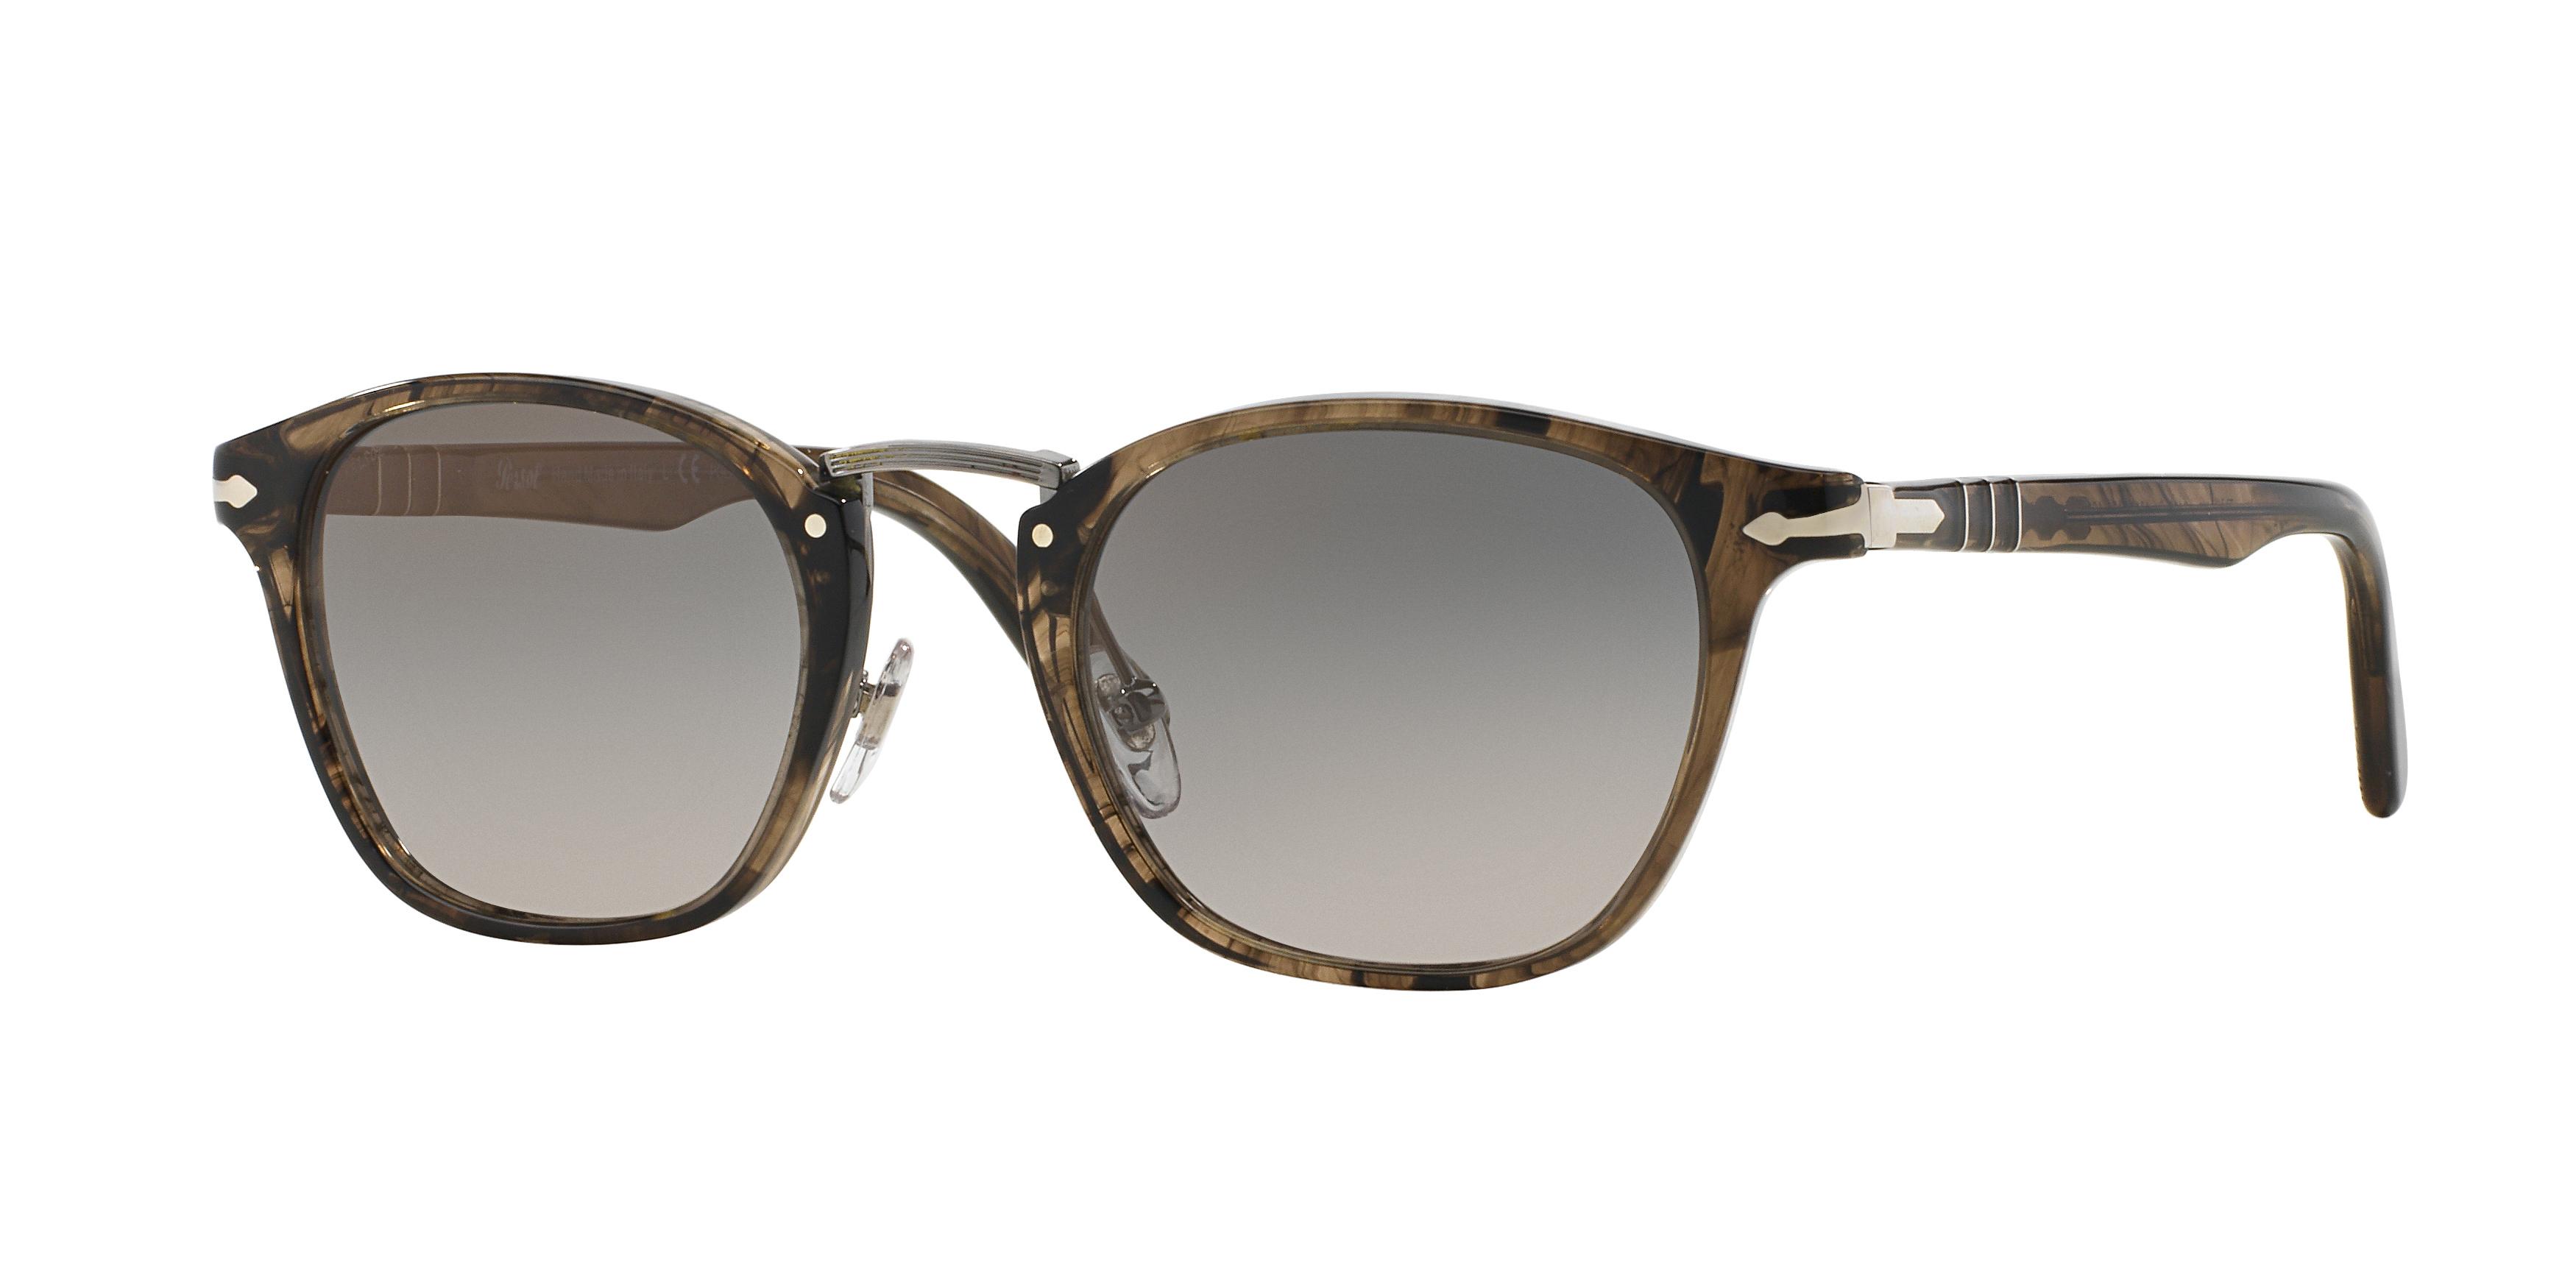 L'occhiale Persol Typewriter Edition indossato da Stefano Accorsi